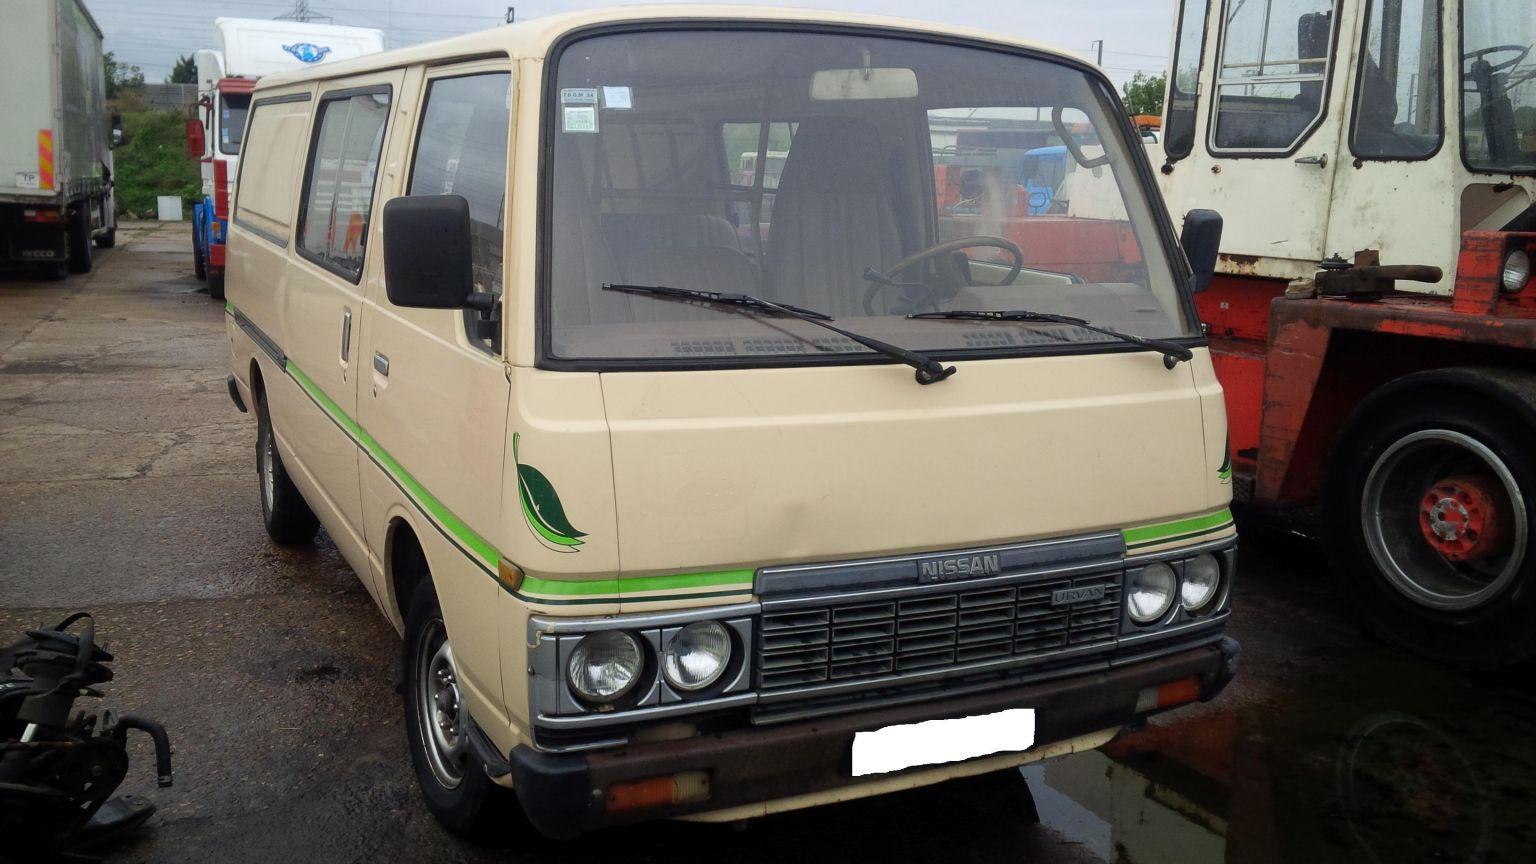 LHD Nissan Urvan